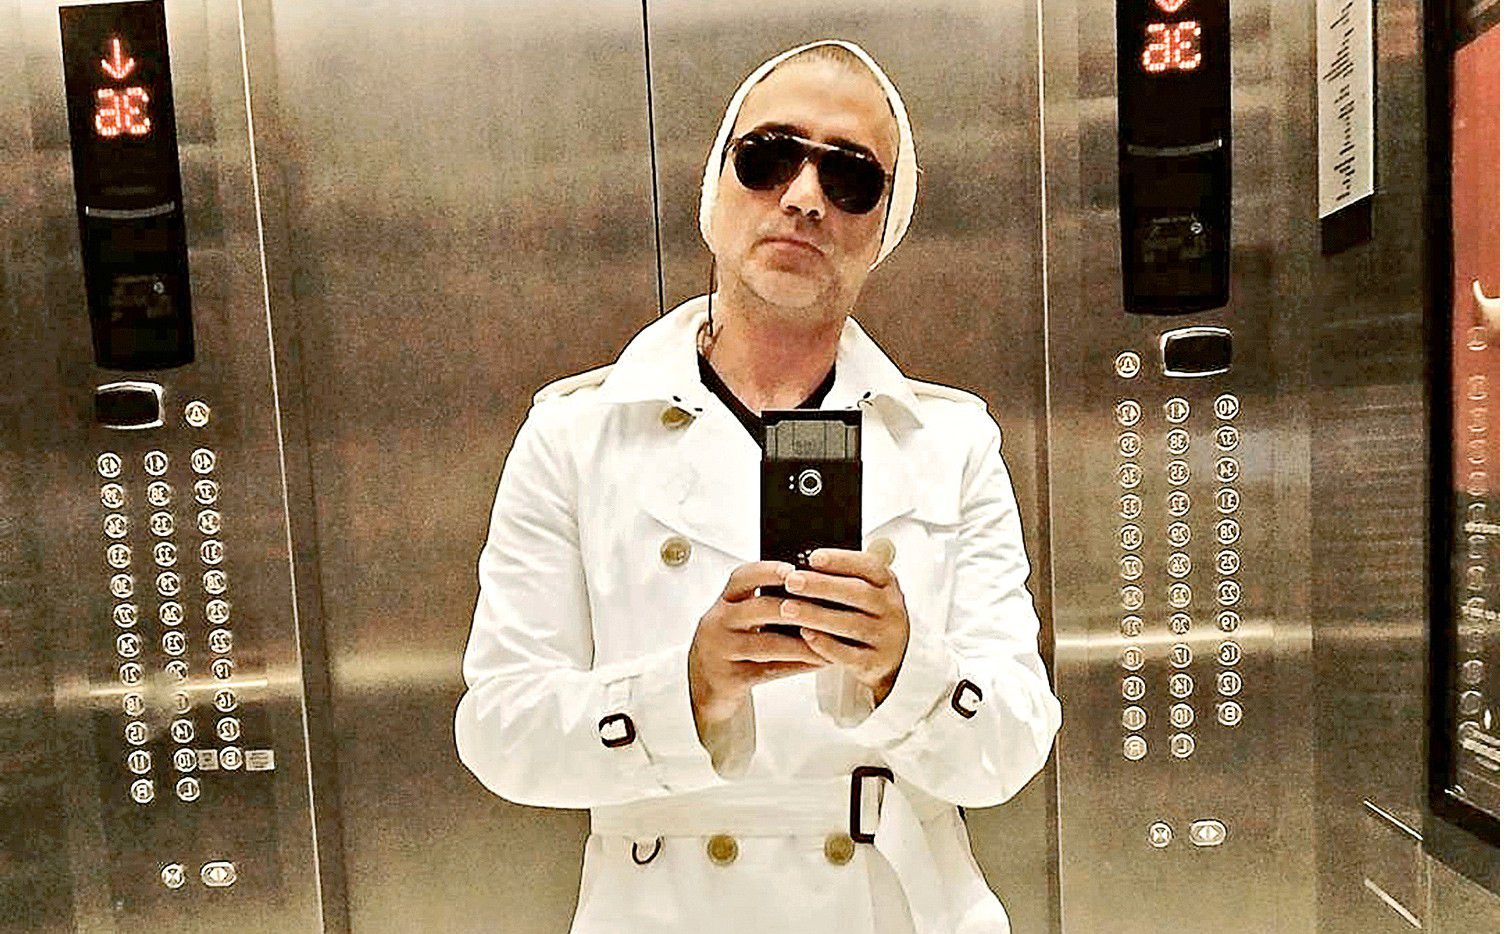 El cantante Alejandro Fernández fue atacado en redes sociales despues de subir una fotografía en la que, de acuerdo con sus fanáticos, parecía afeminado./AGENCIA REFORMA